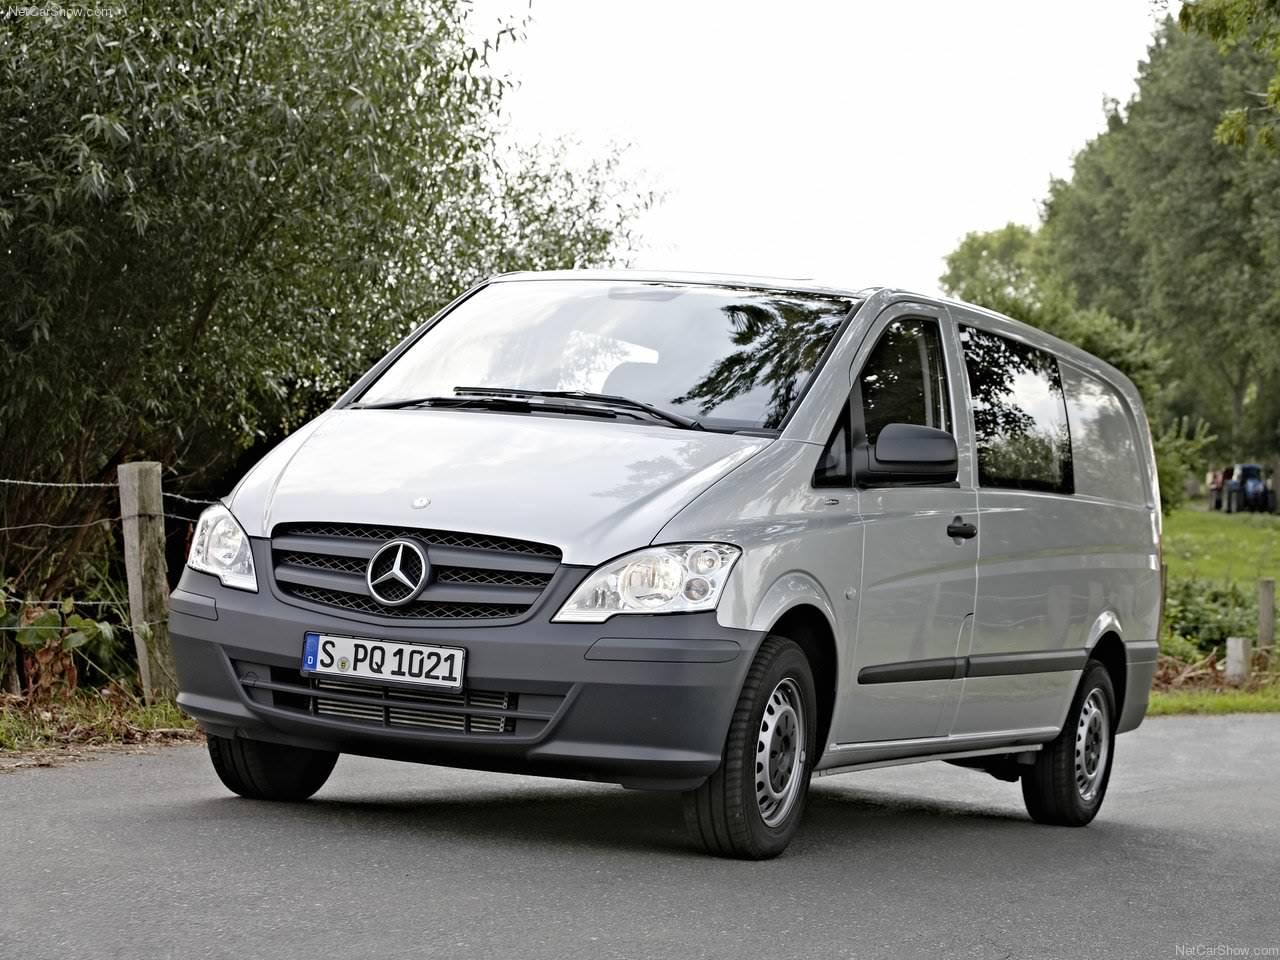 2011 Mercedes-Benz Vito | Mercedes-Benz Cars